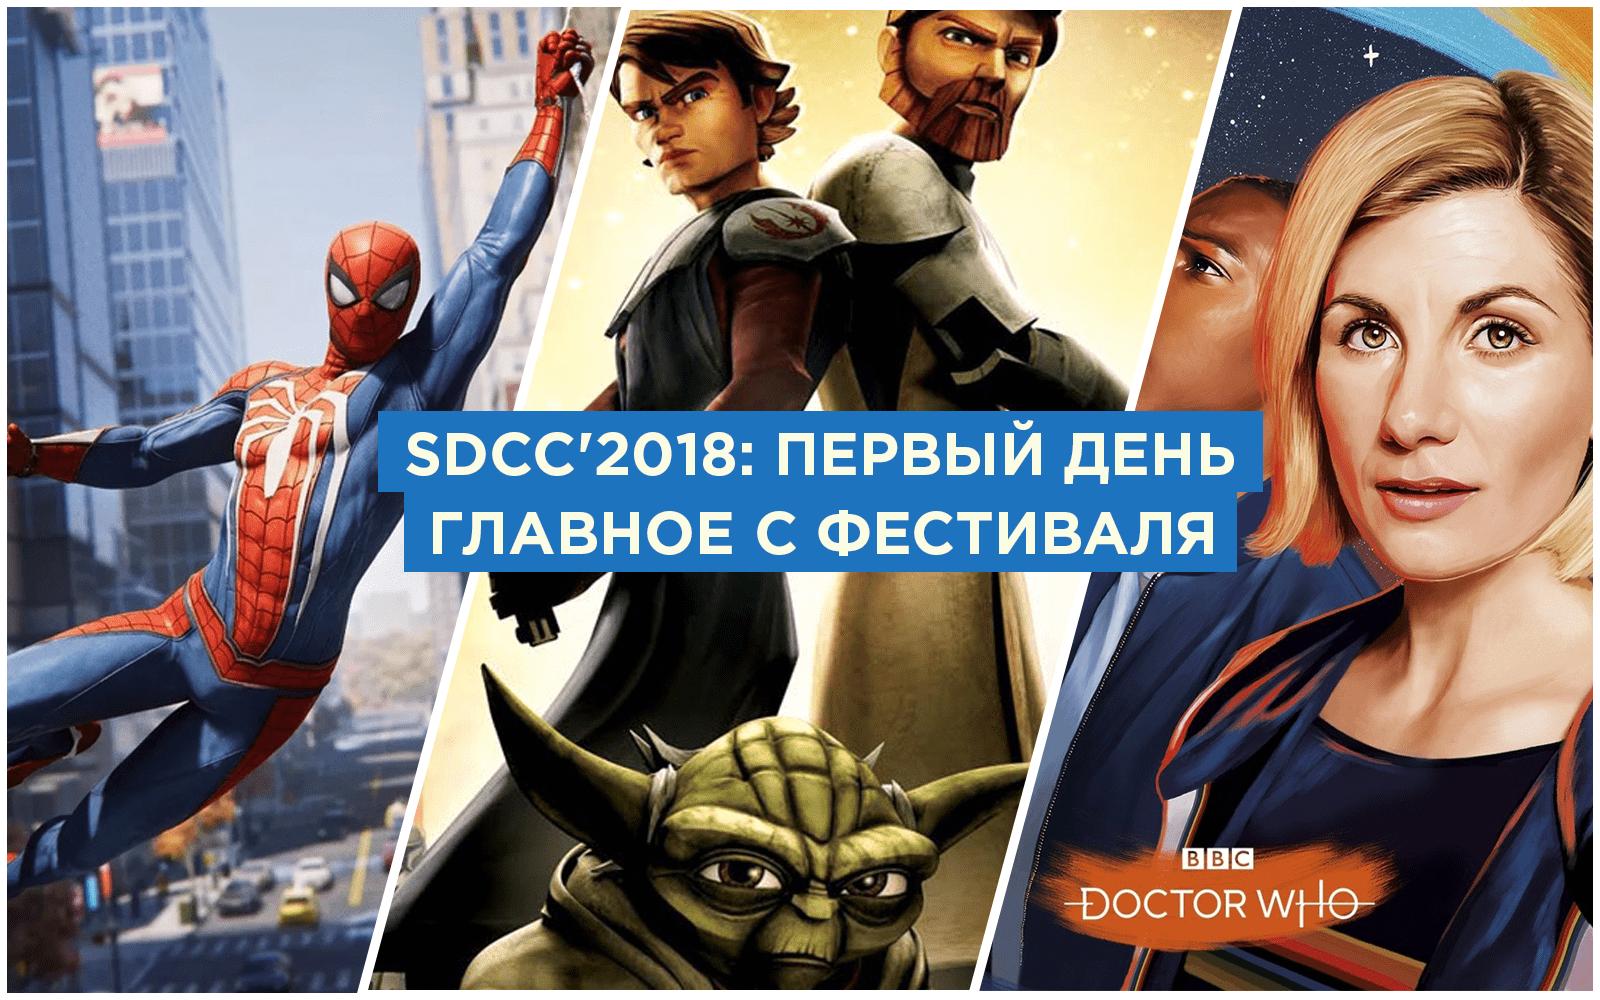 Comic-Con 2018: «Доктор Кто», «Звёздные войны», «Человек-паук» и не только